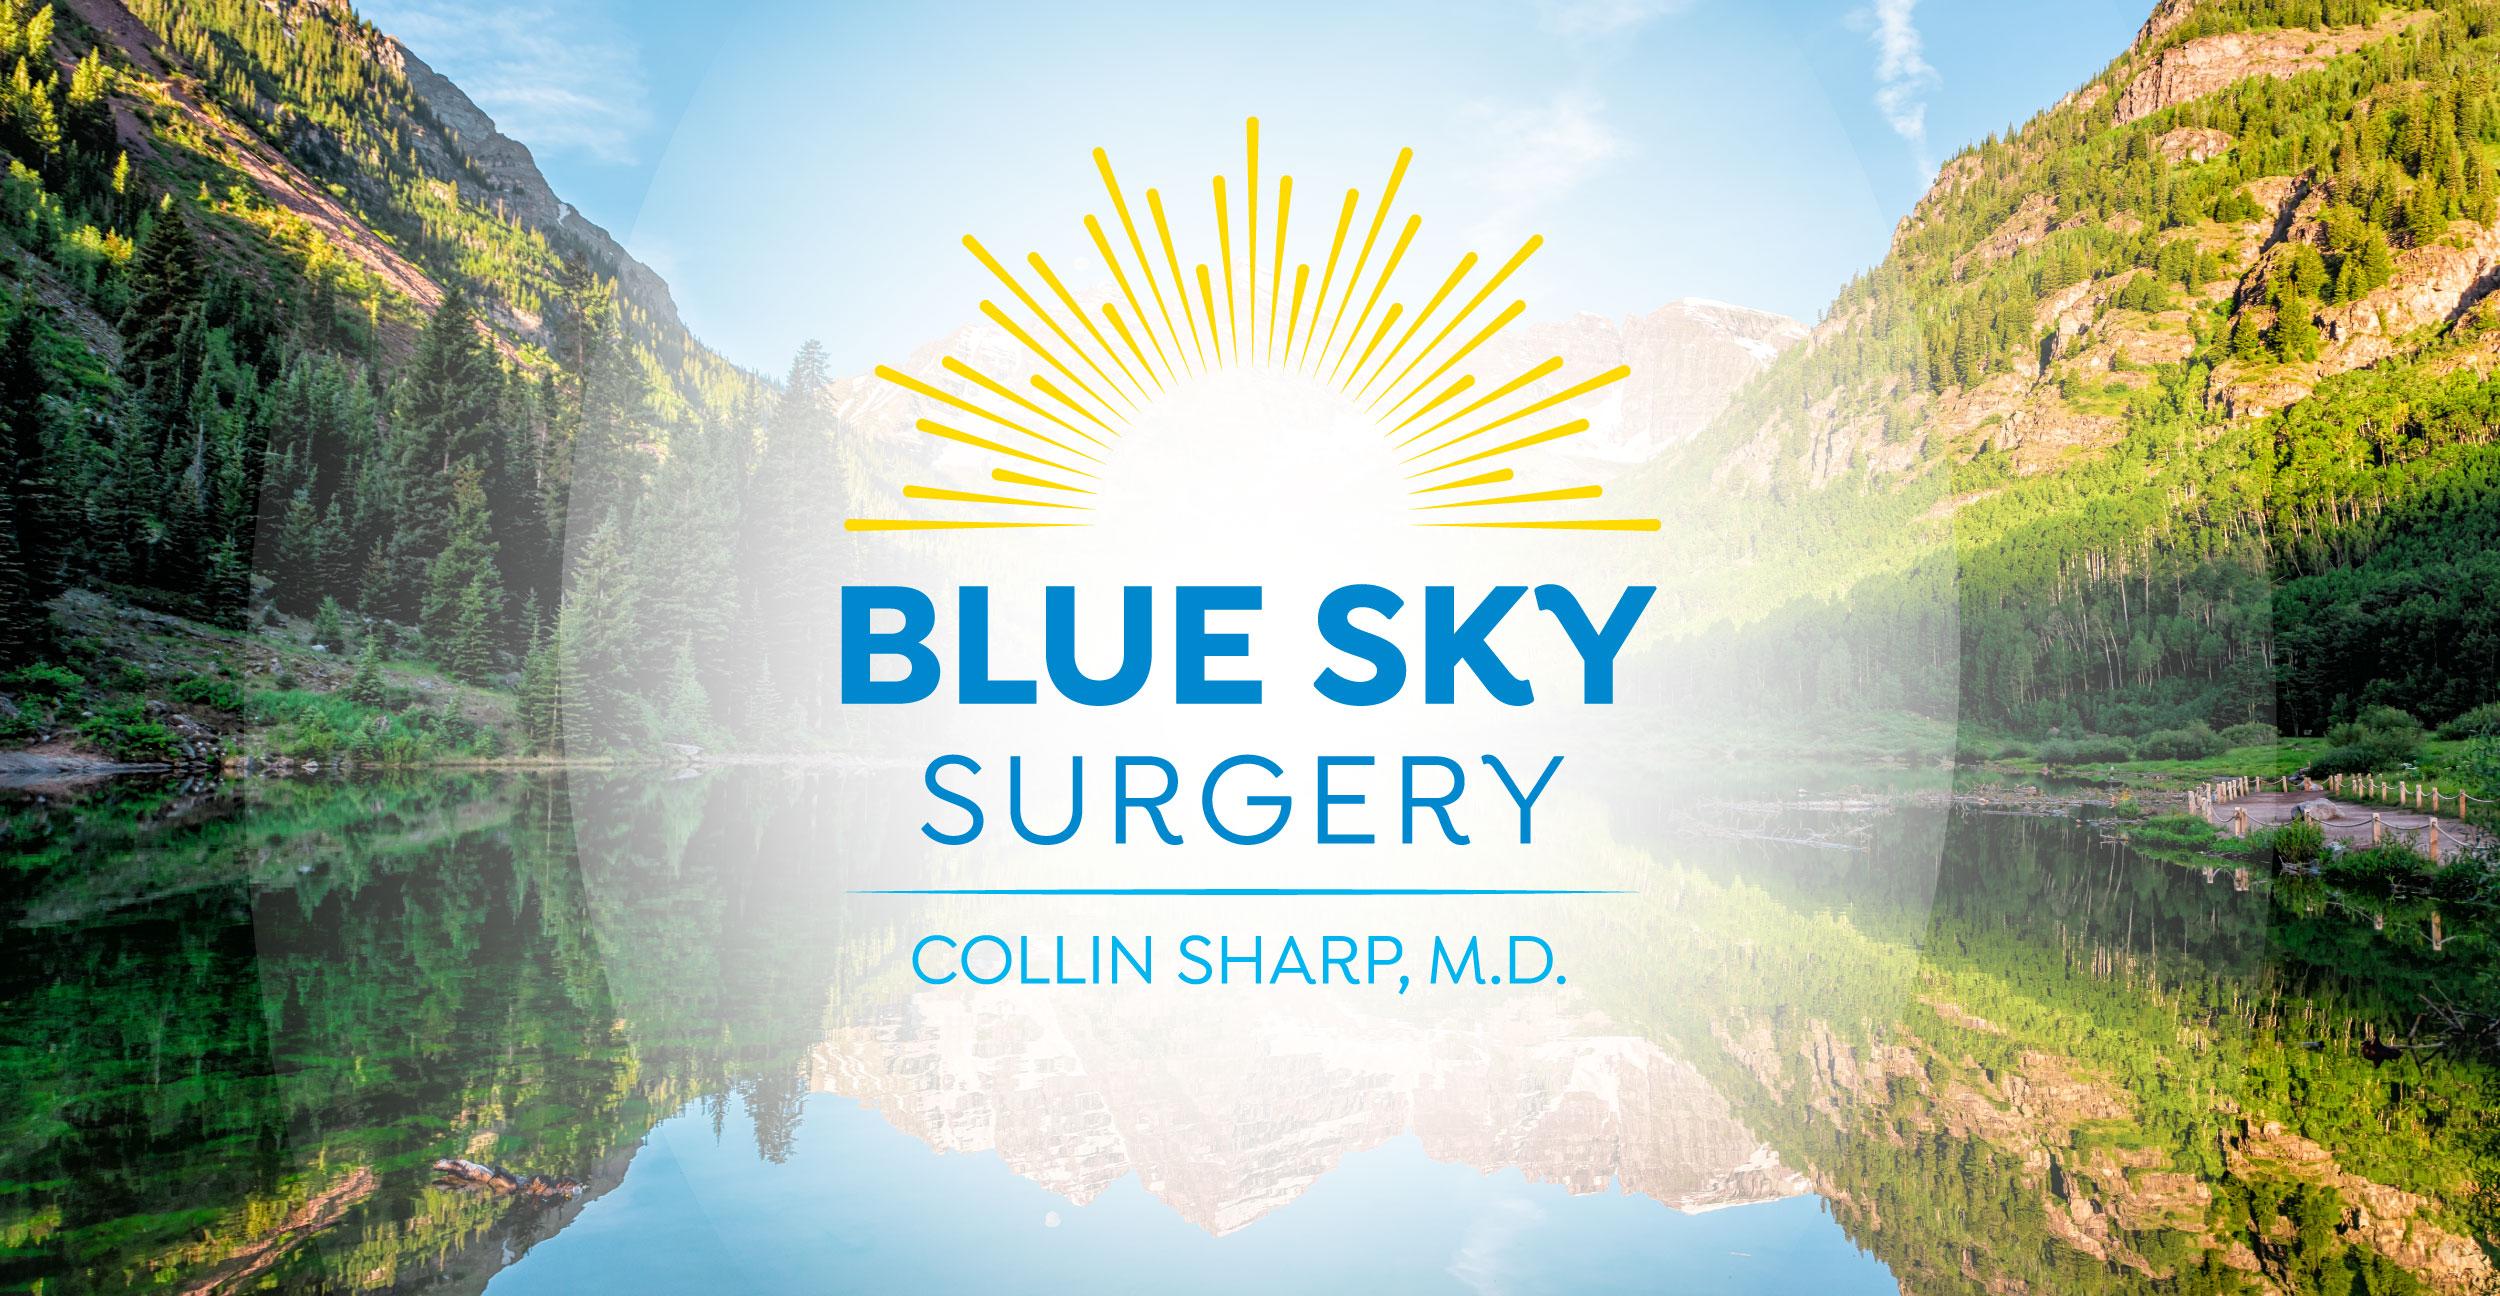 Blue Sky Surgery Montrose Colorado